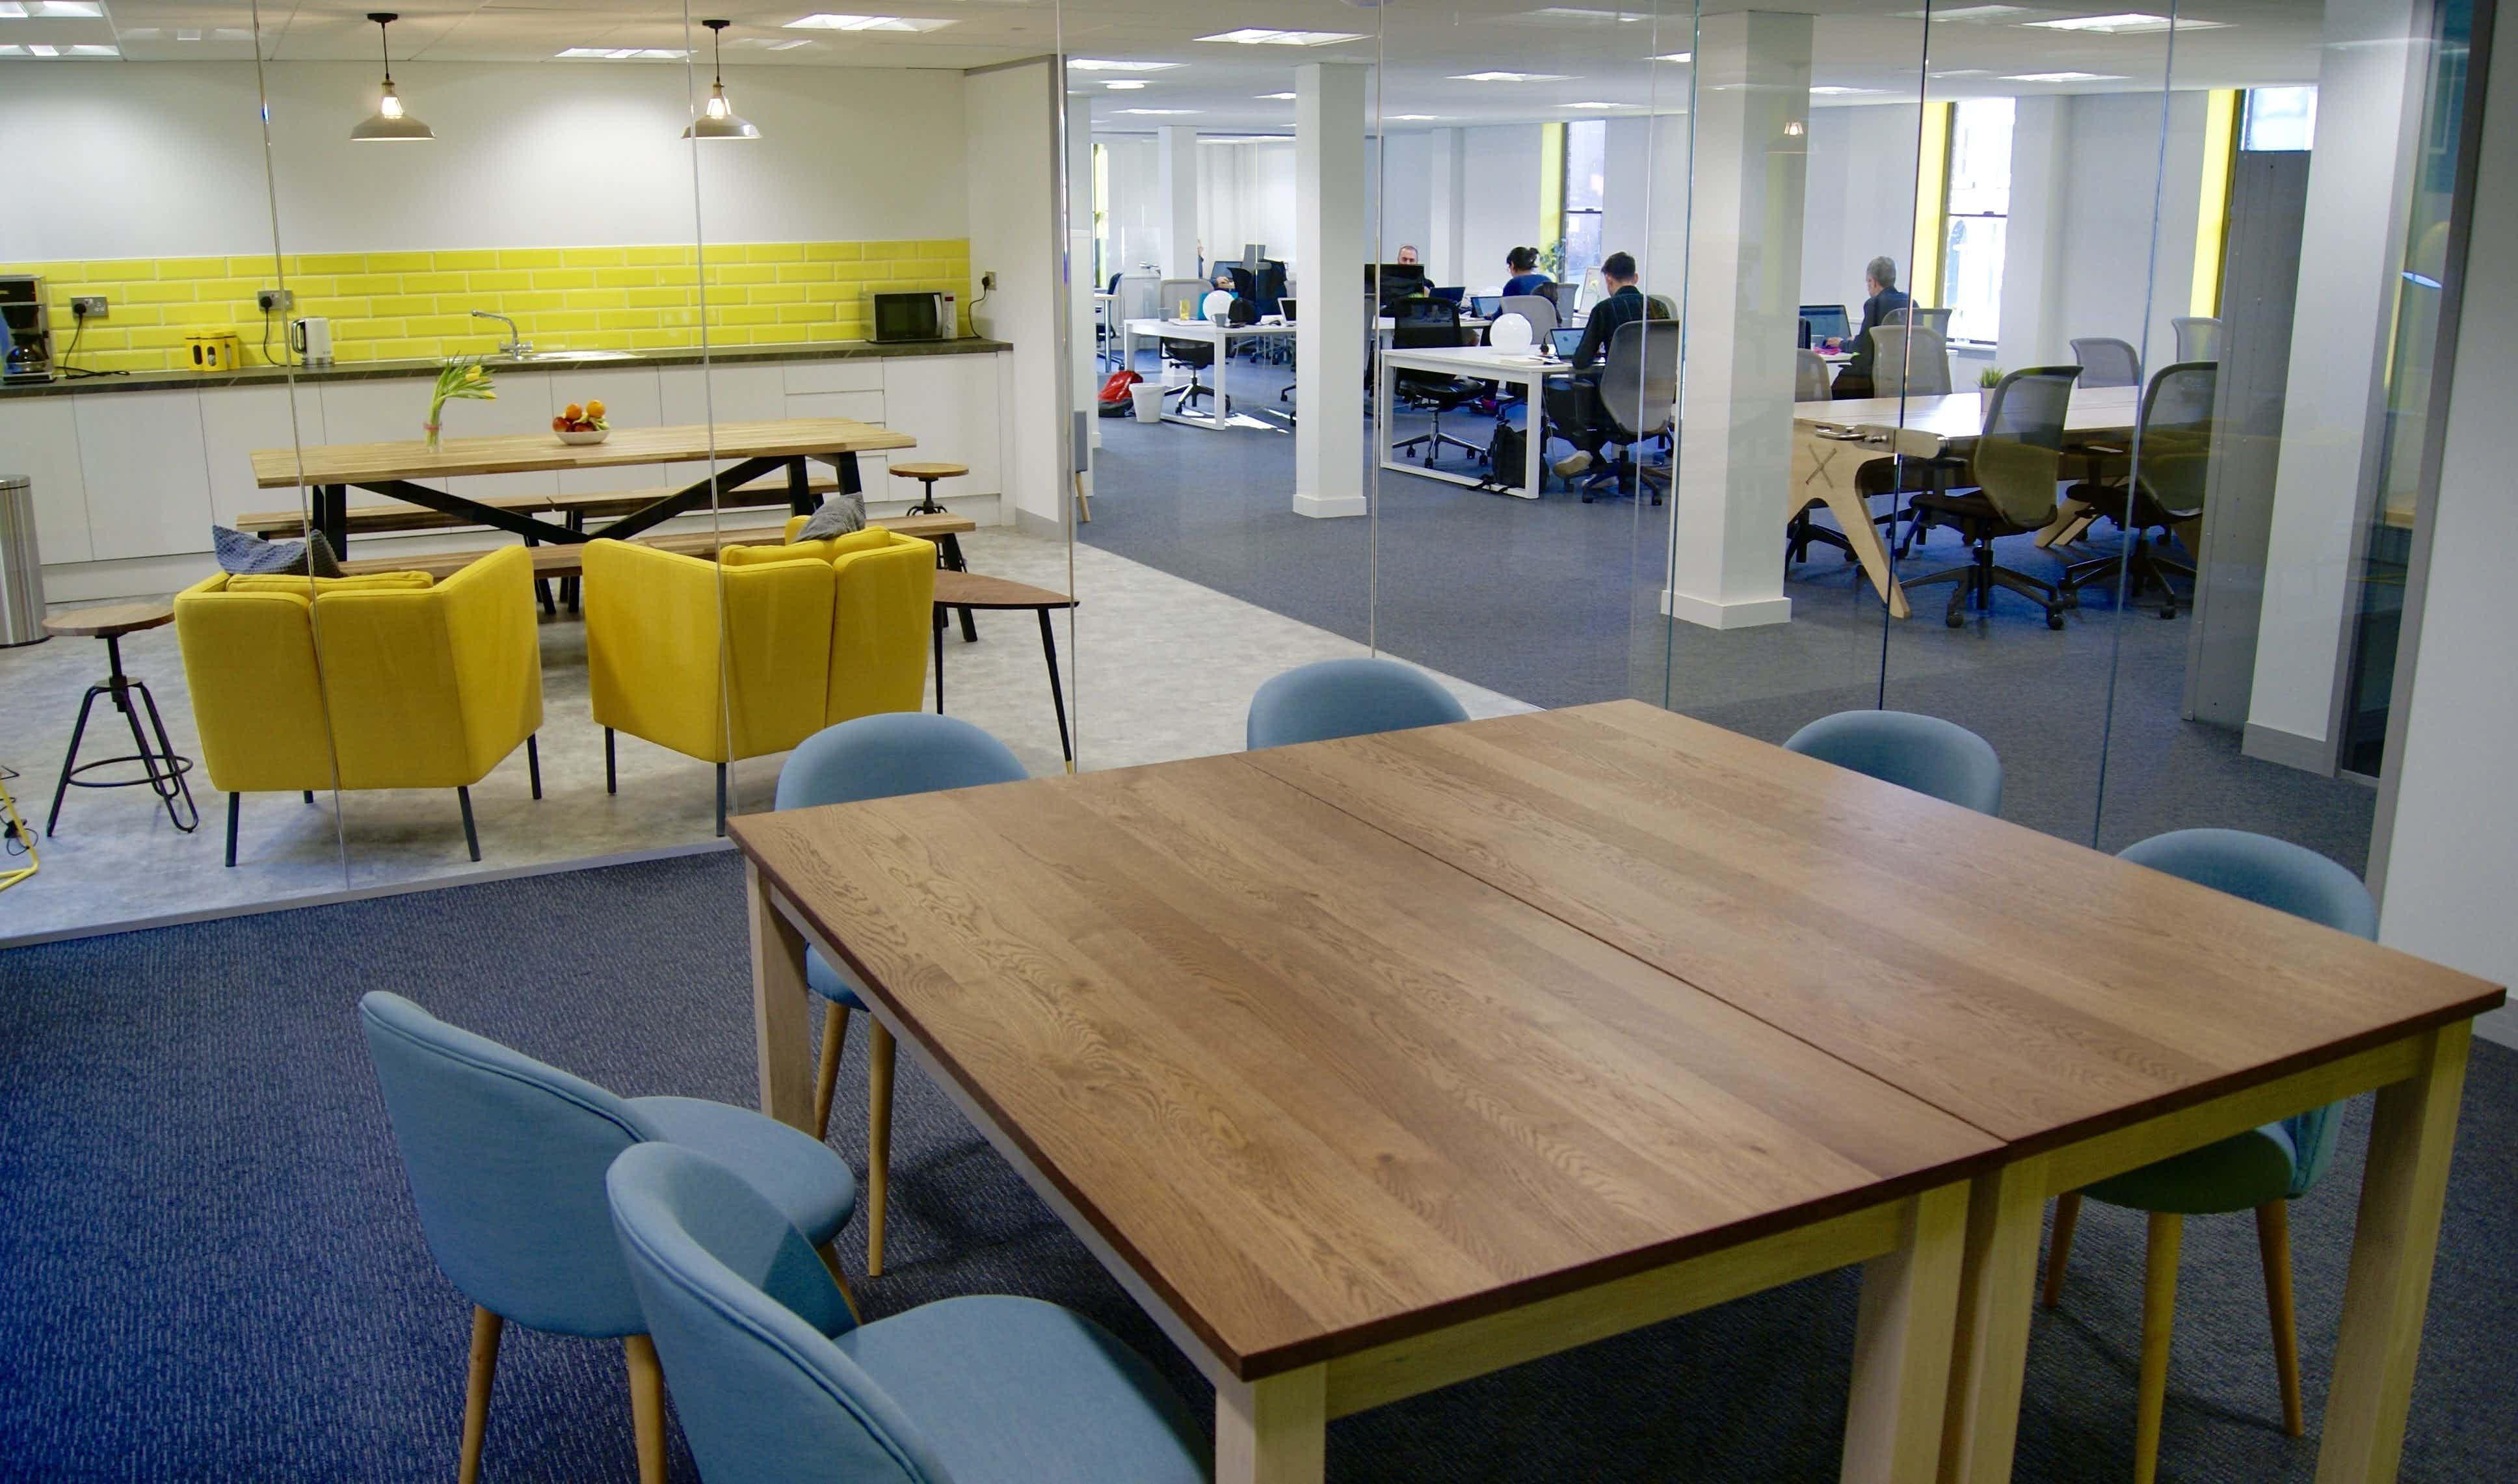 altspace Meeting Room, altspace Coworking Office